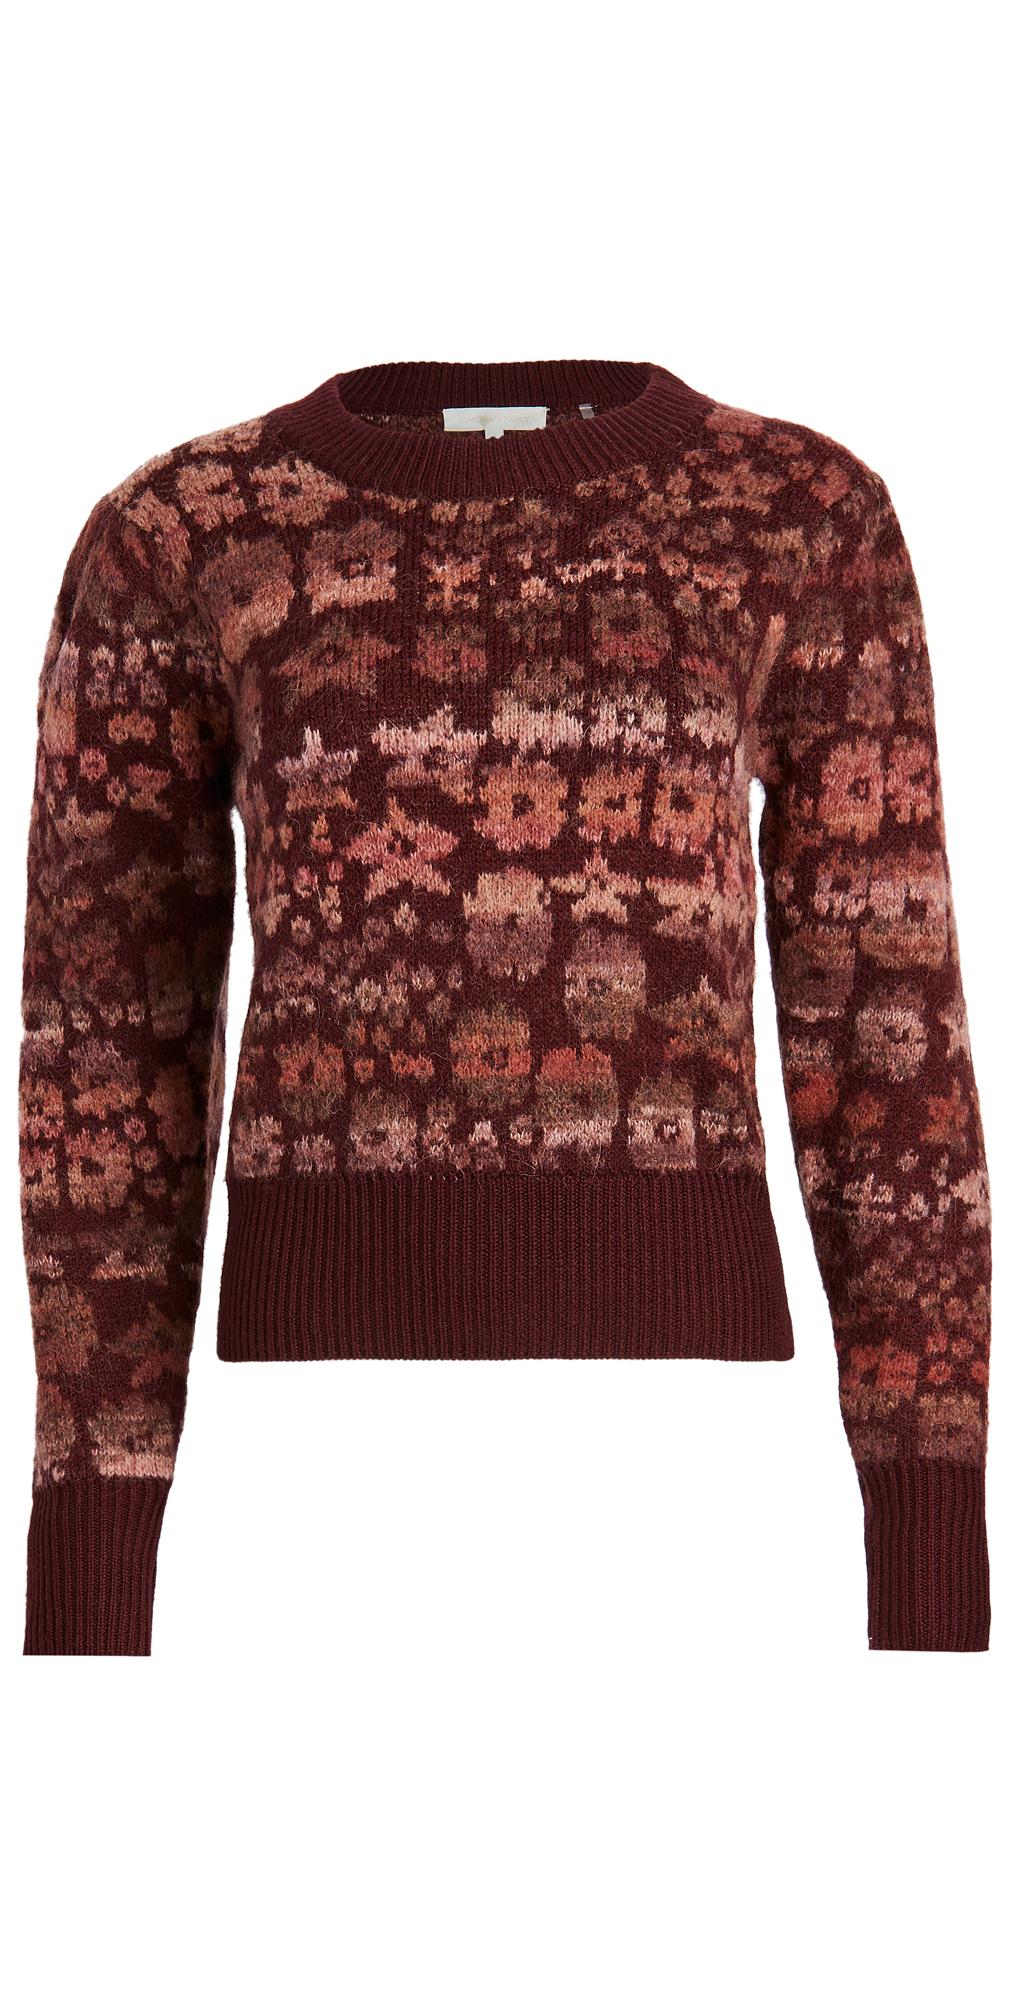 LoveShackFancy Kirsten Pullover Sweater